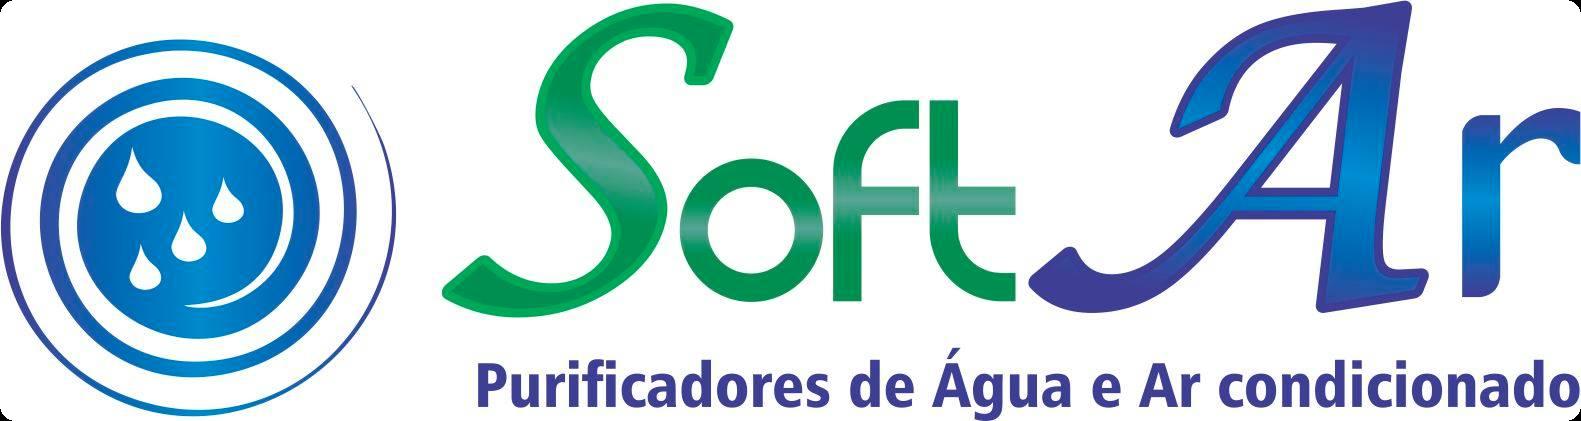 Soft Ar - Purificadores de Água e Ar-condicionado